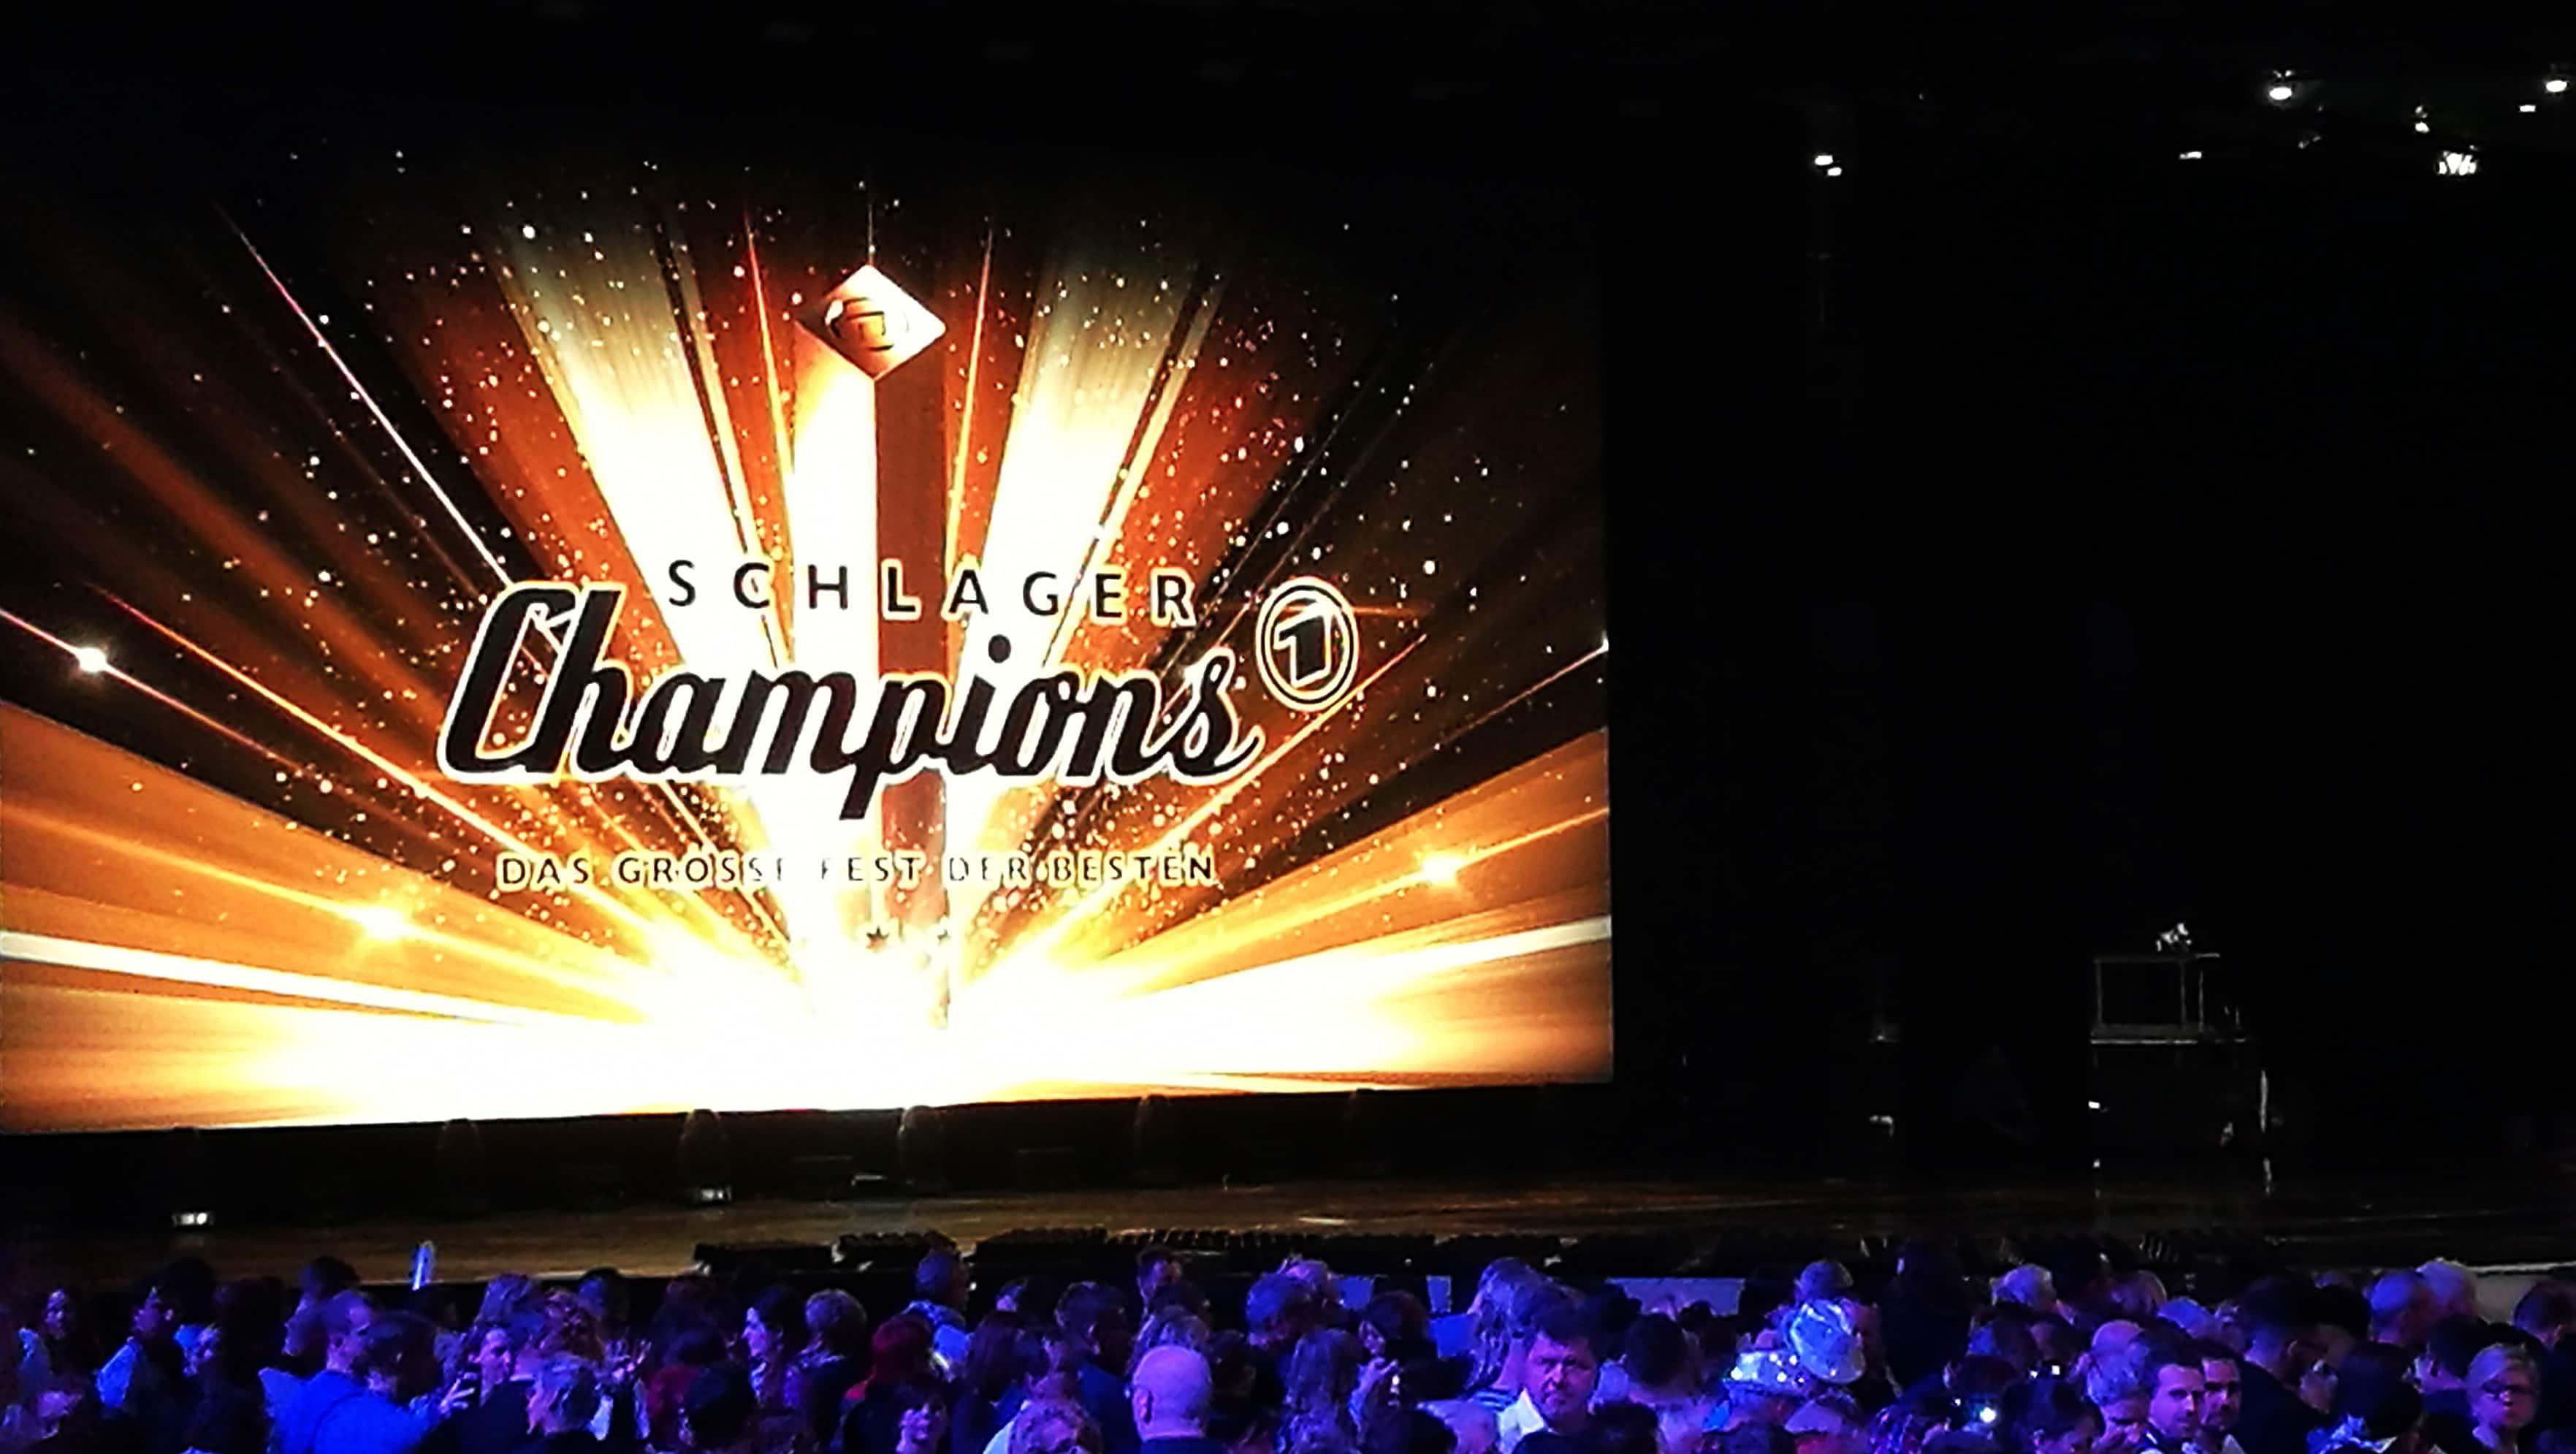 Schlagerchampions Das Große Fest Der Besten Stars And Scenes